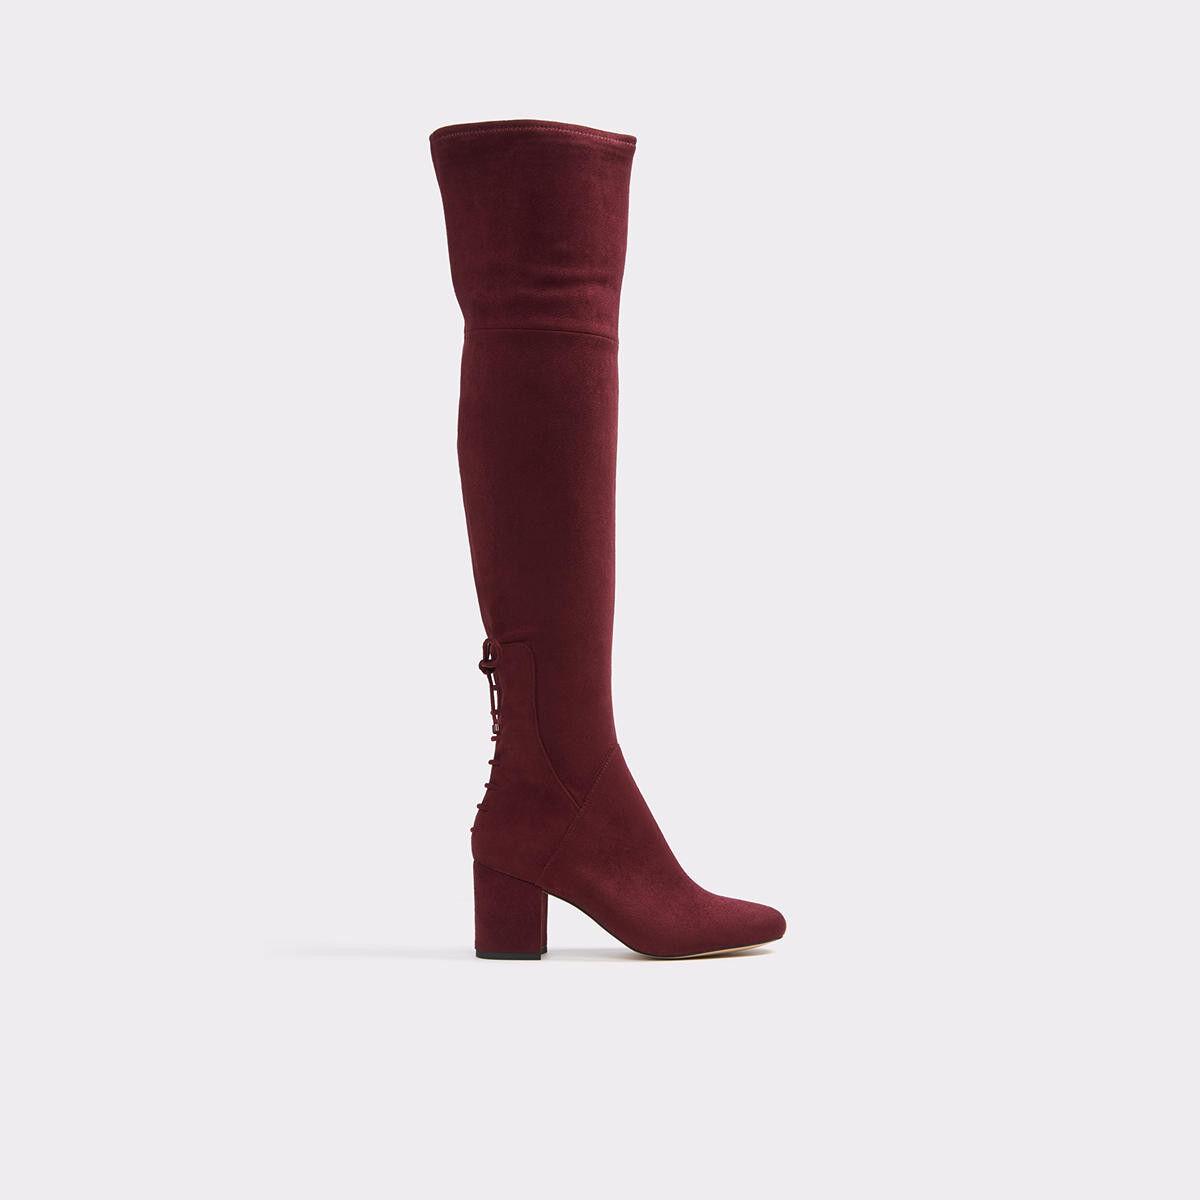 Aldo 'Adessi' Suede Over The Knee Boots - Block Mid Heel - Bordeaux - UK 4 EU 37